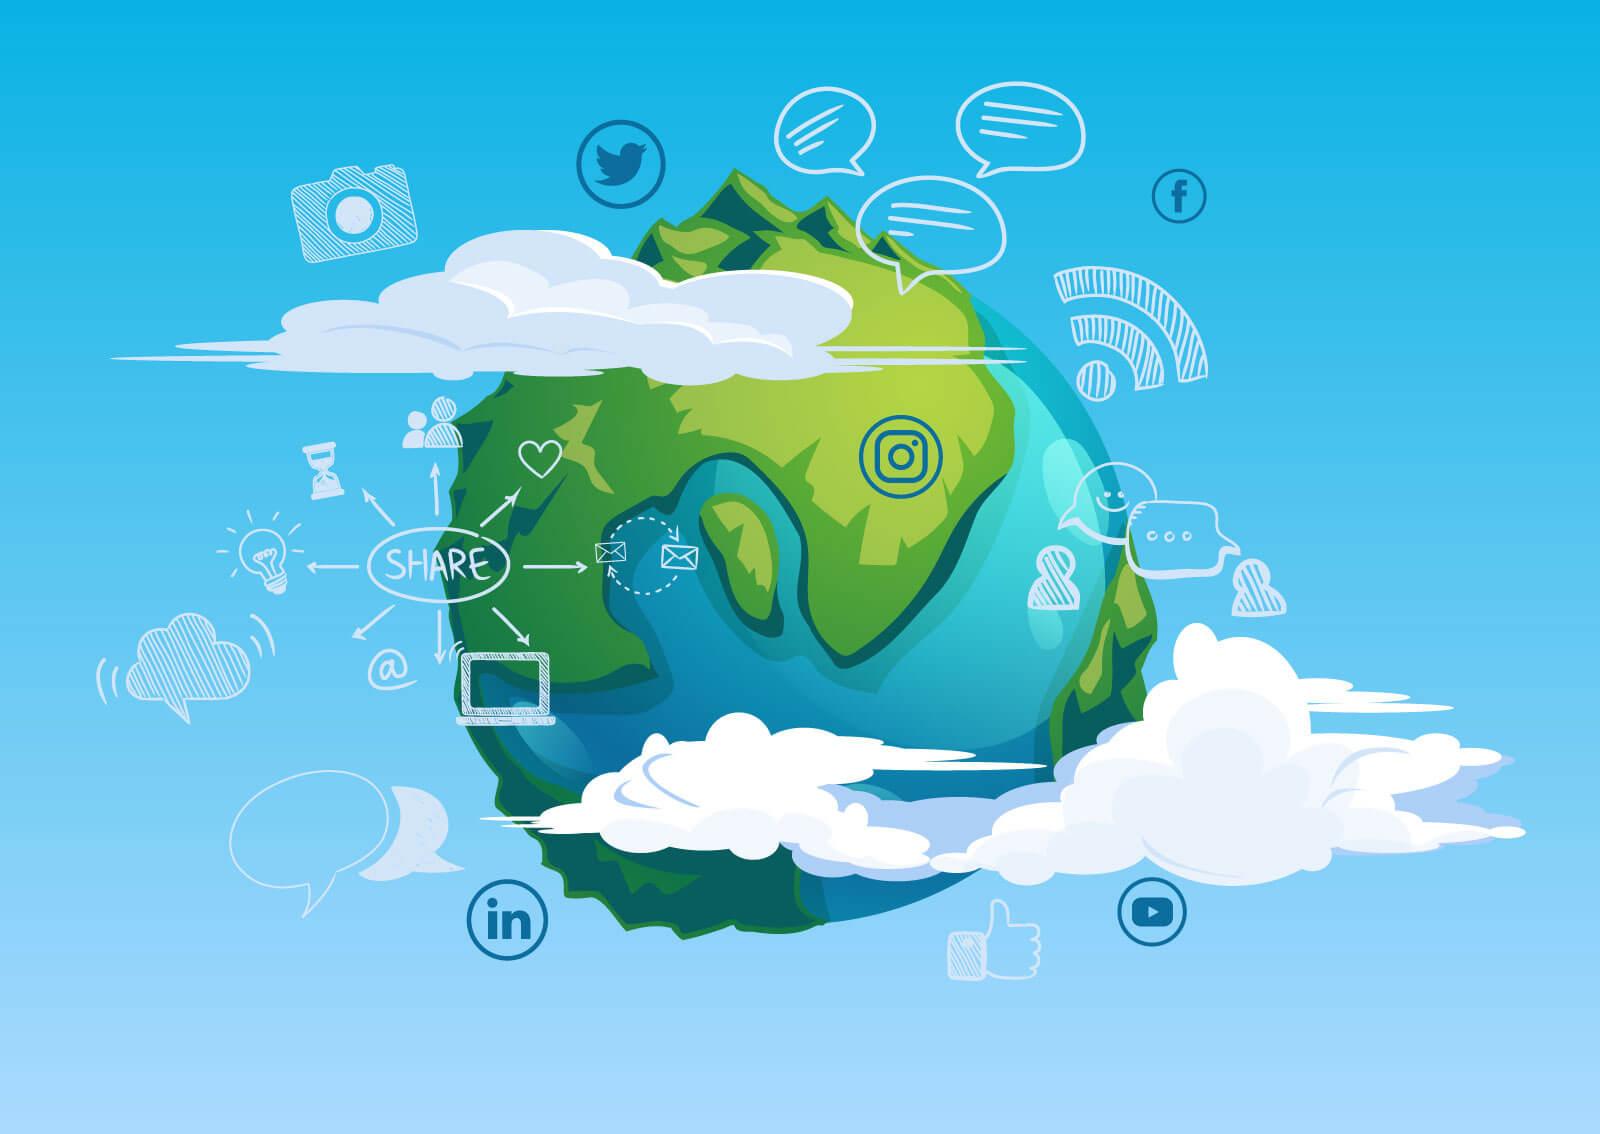 ilustracija planete zemlje koja je okružena društvenim mrežama, chatovima, prijateljima, share-ovanjem